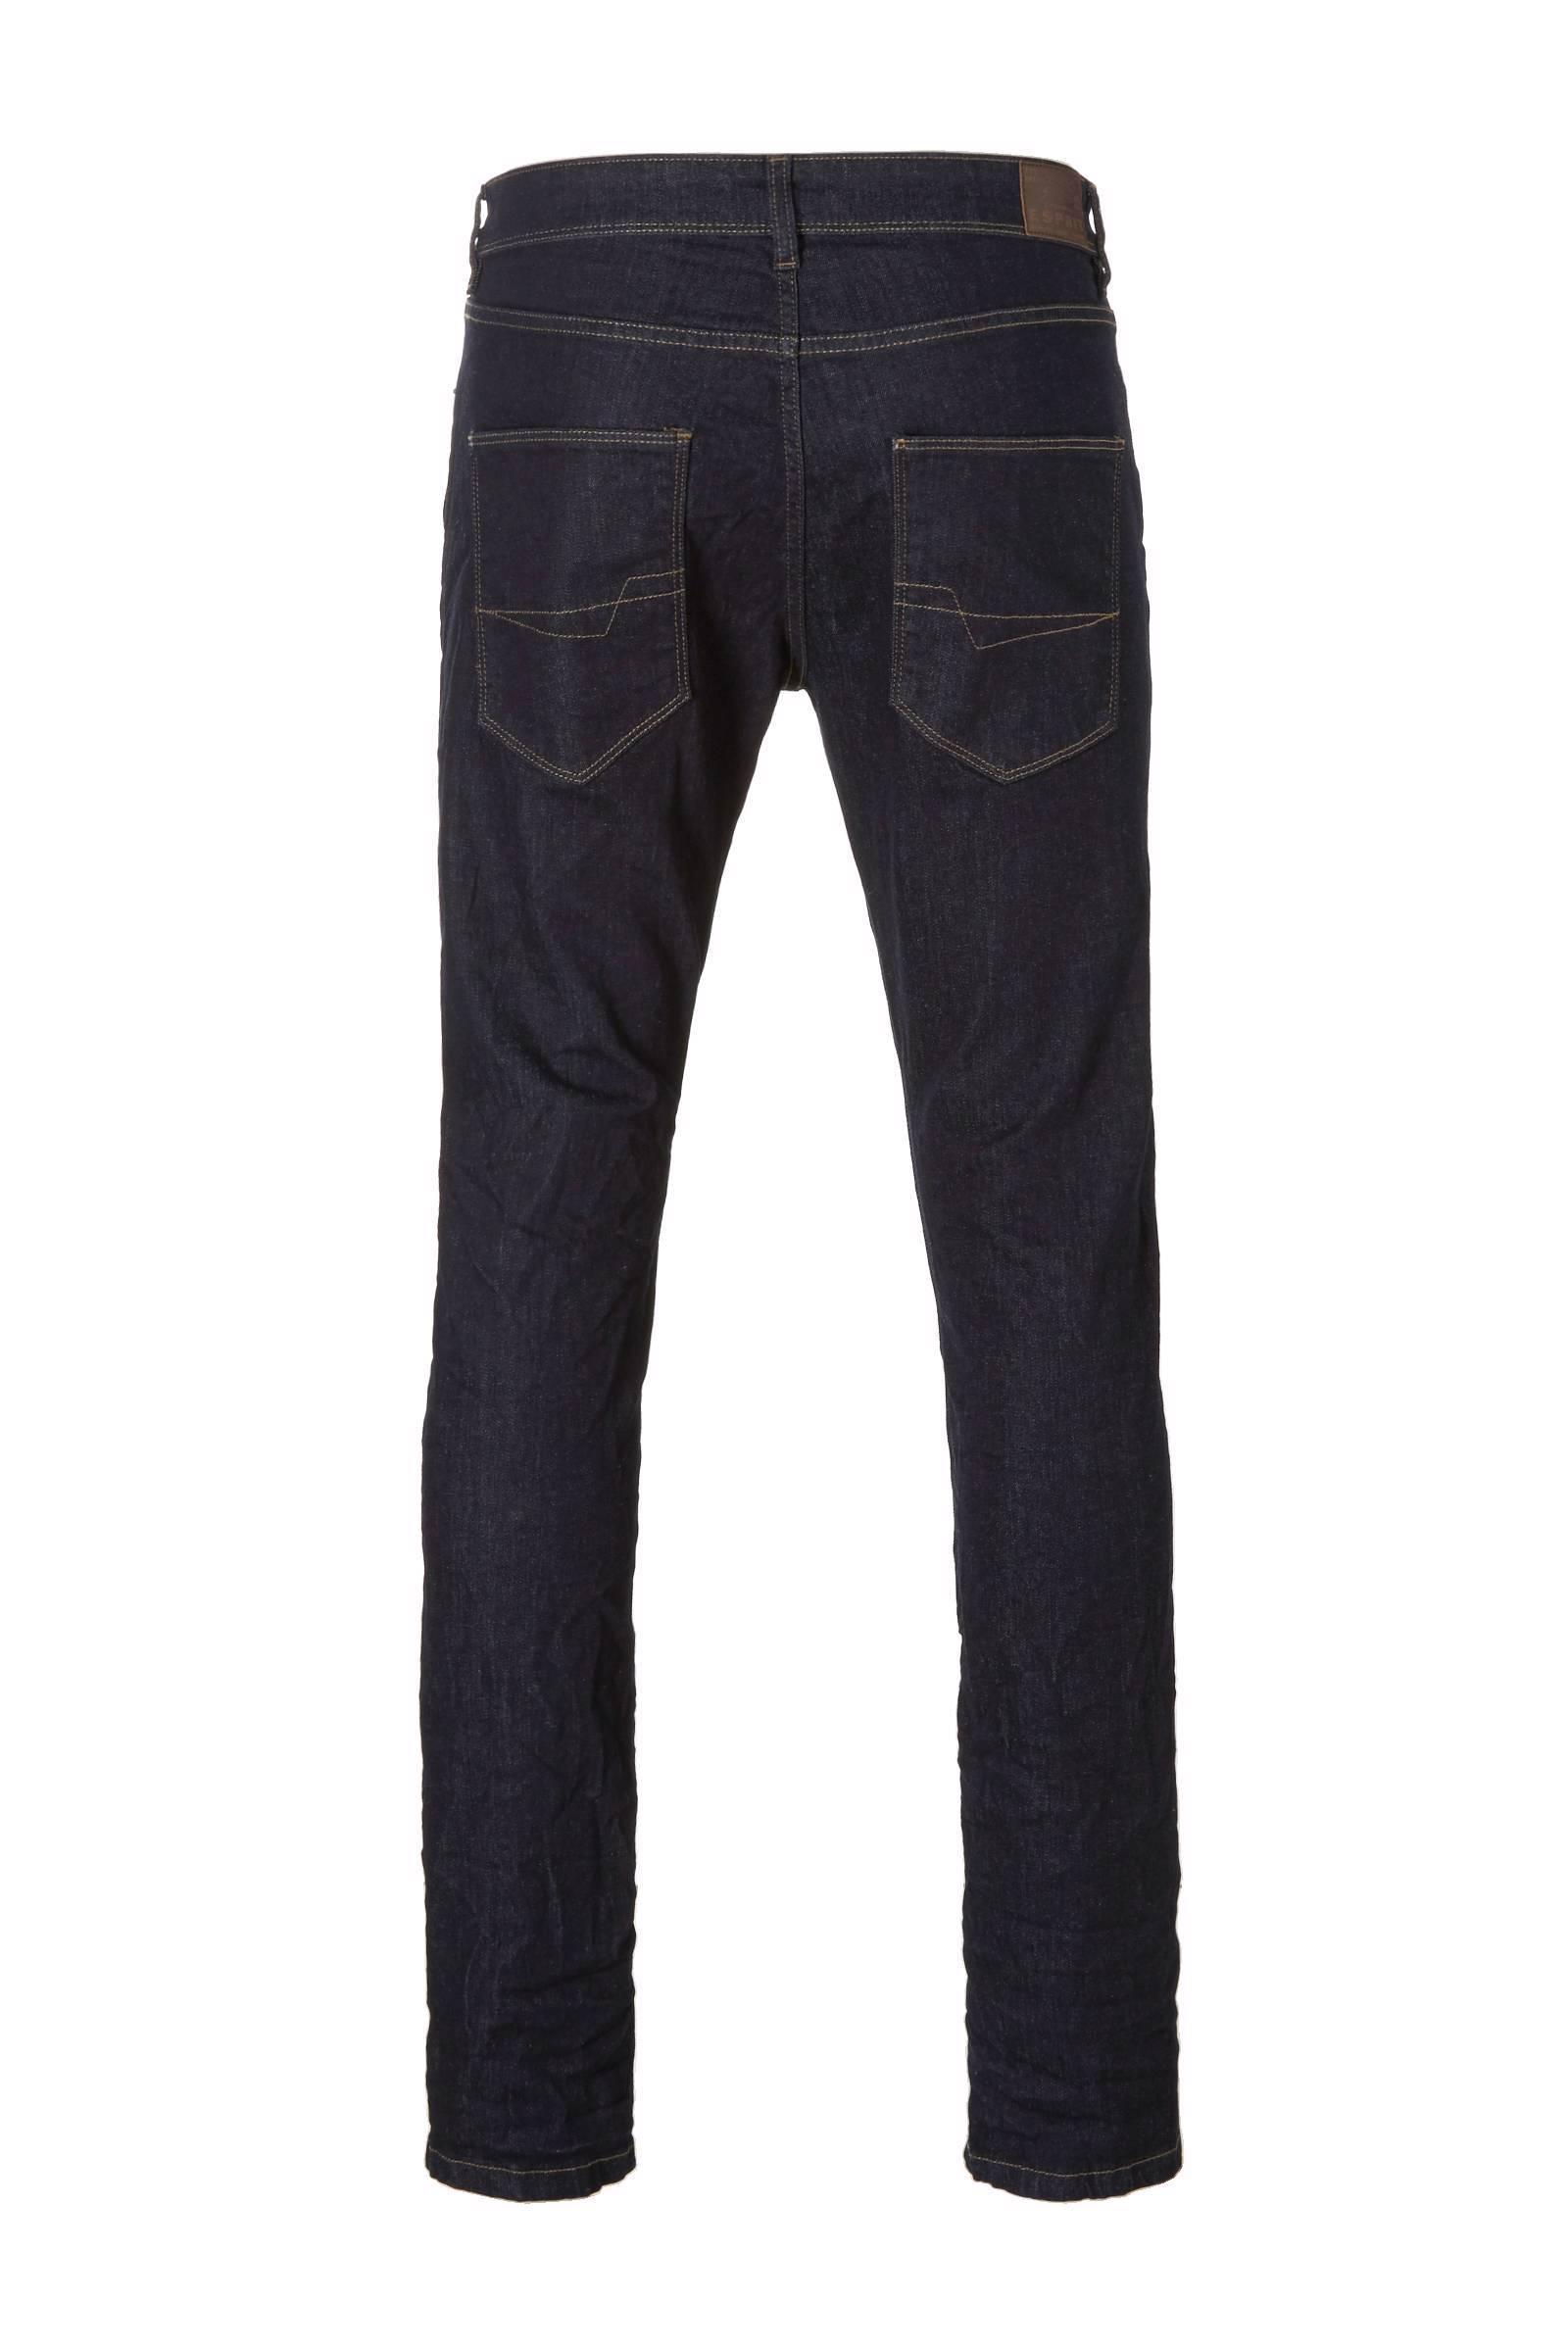 Esprit Denim Men Casual Straight Fit Jeans in het Blauw voor heren